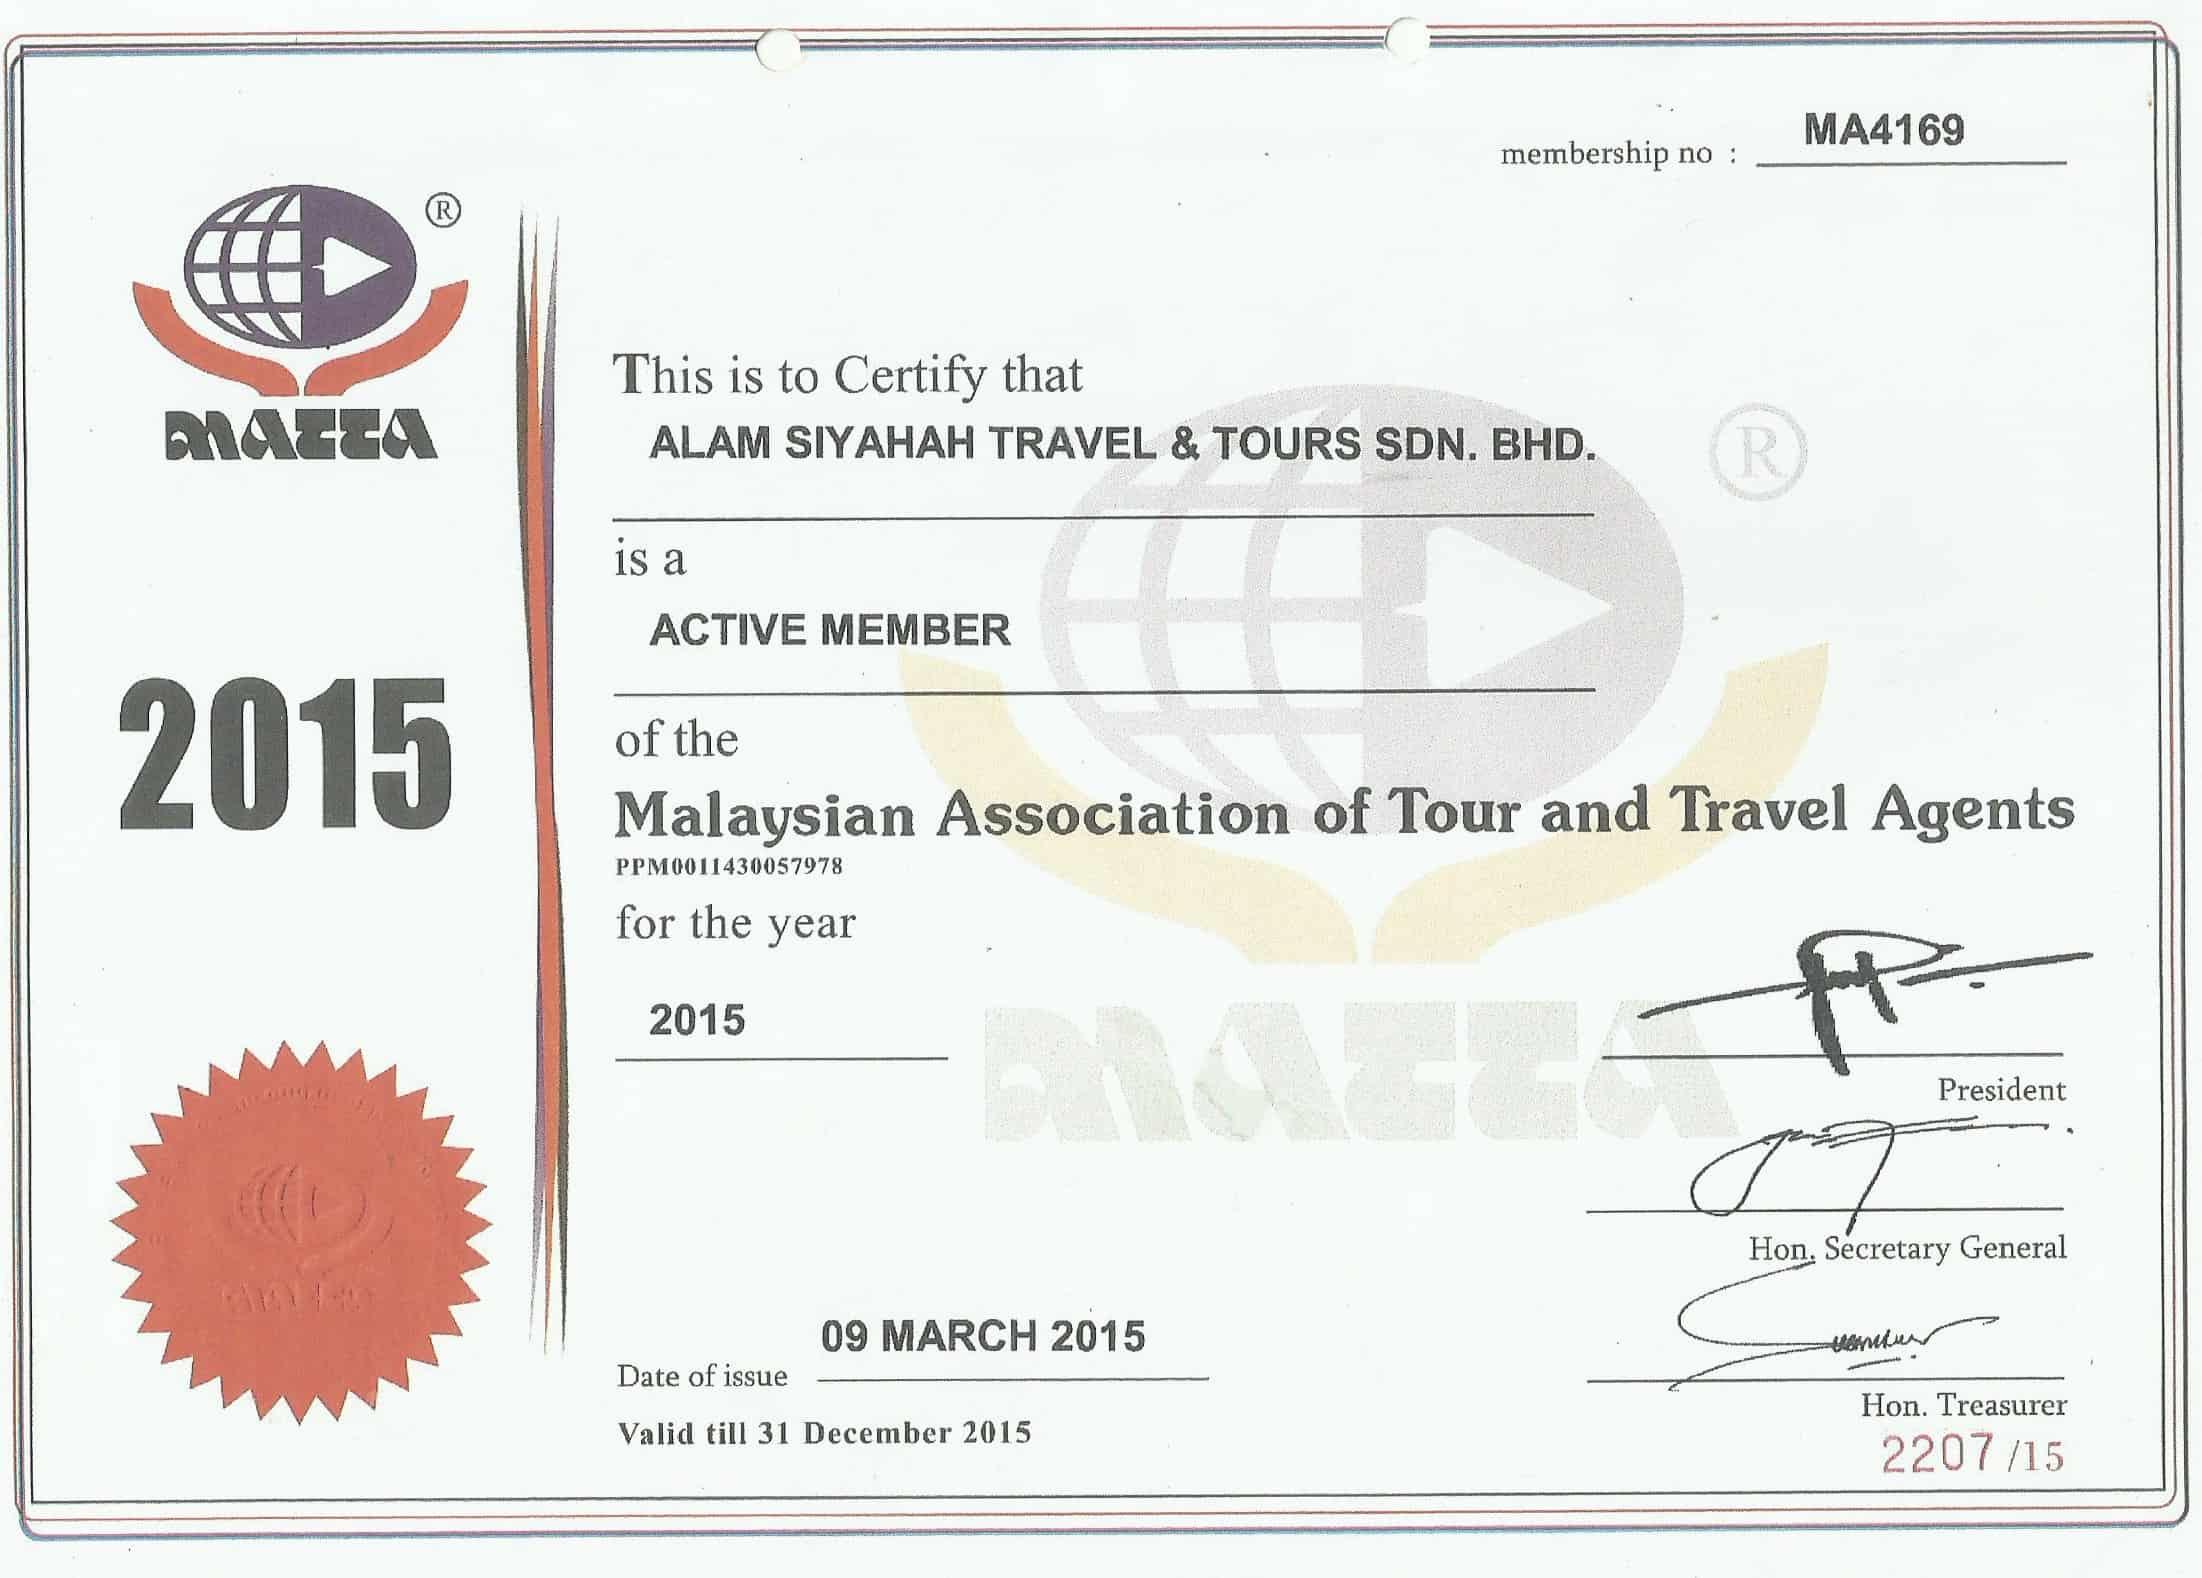 مكاتب سياحية في ماليزيا  مكتب سياحي معتمد في ماليزيا